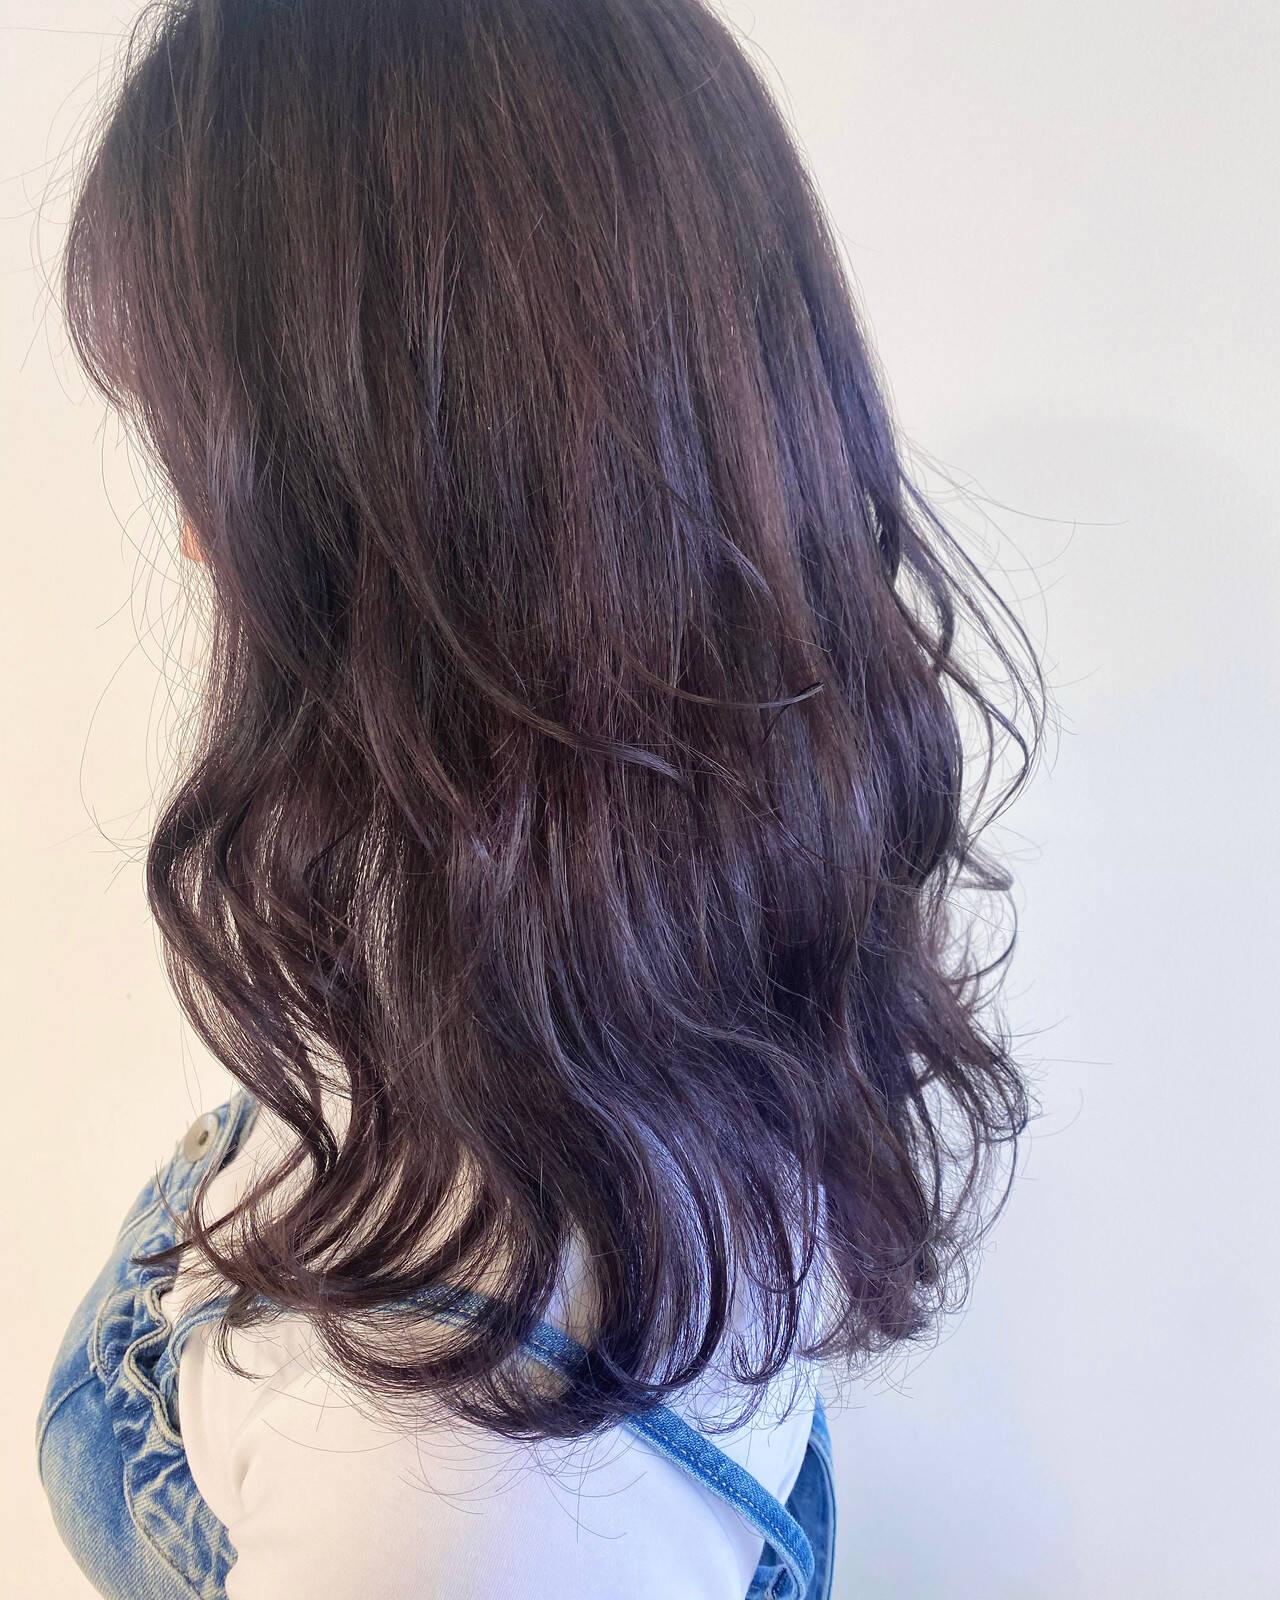 ナチュラル パープル セミロング パープルカラーヘアスタイルや髪型の写真・画像